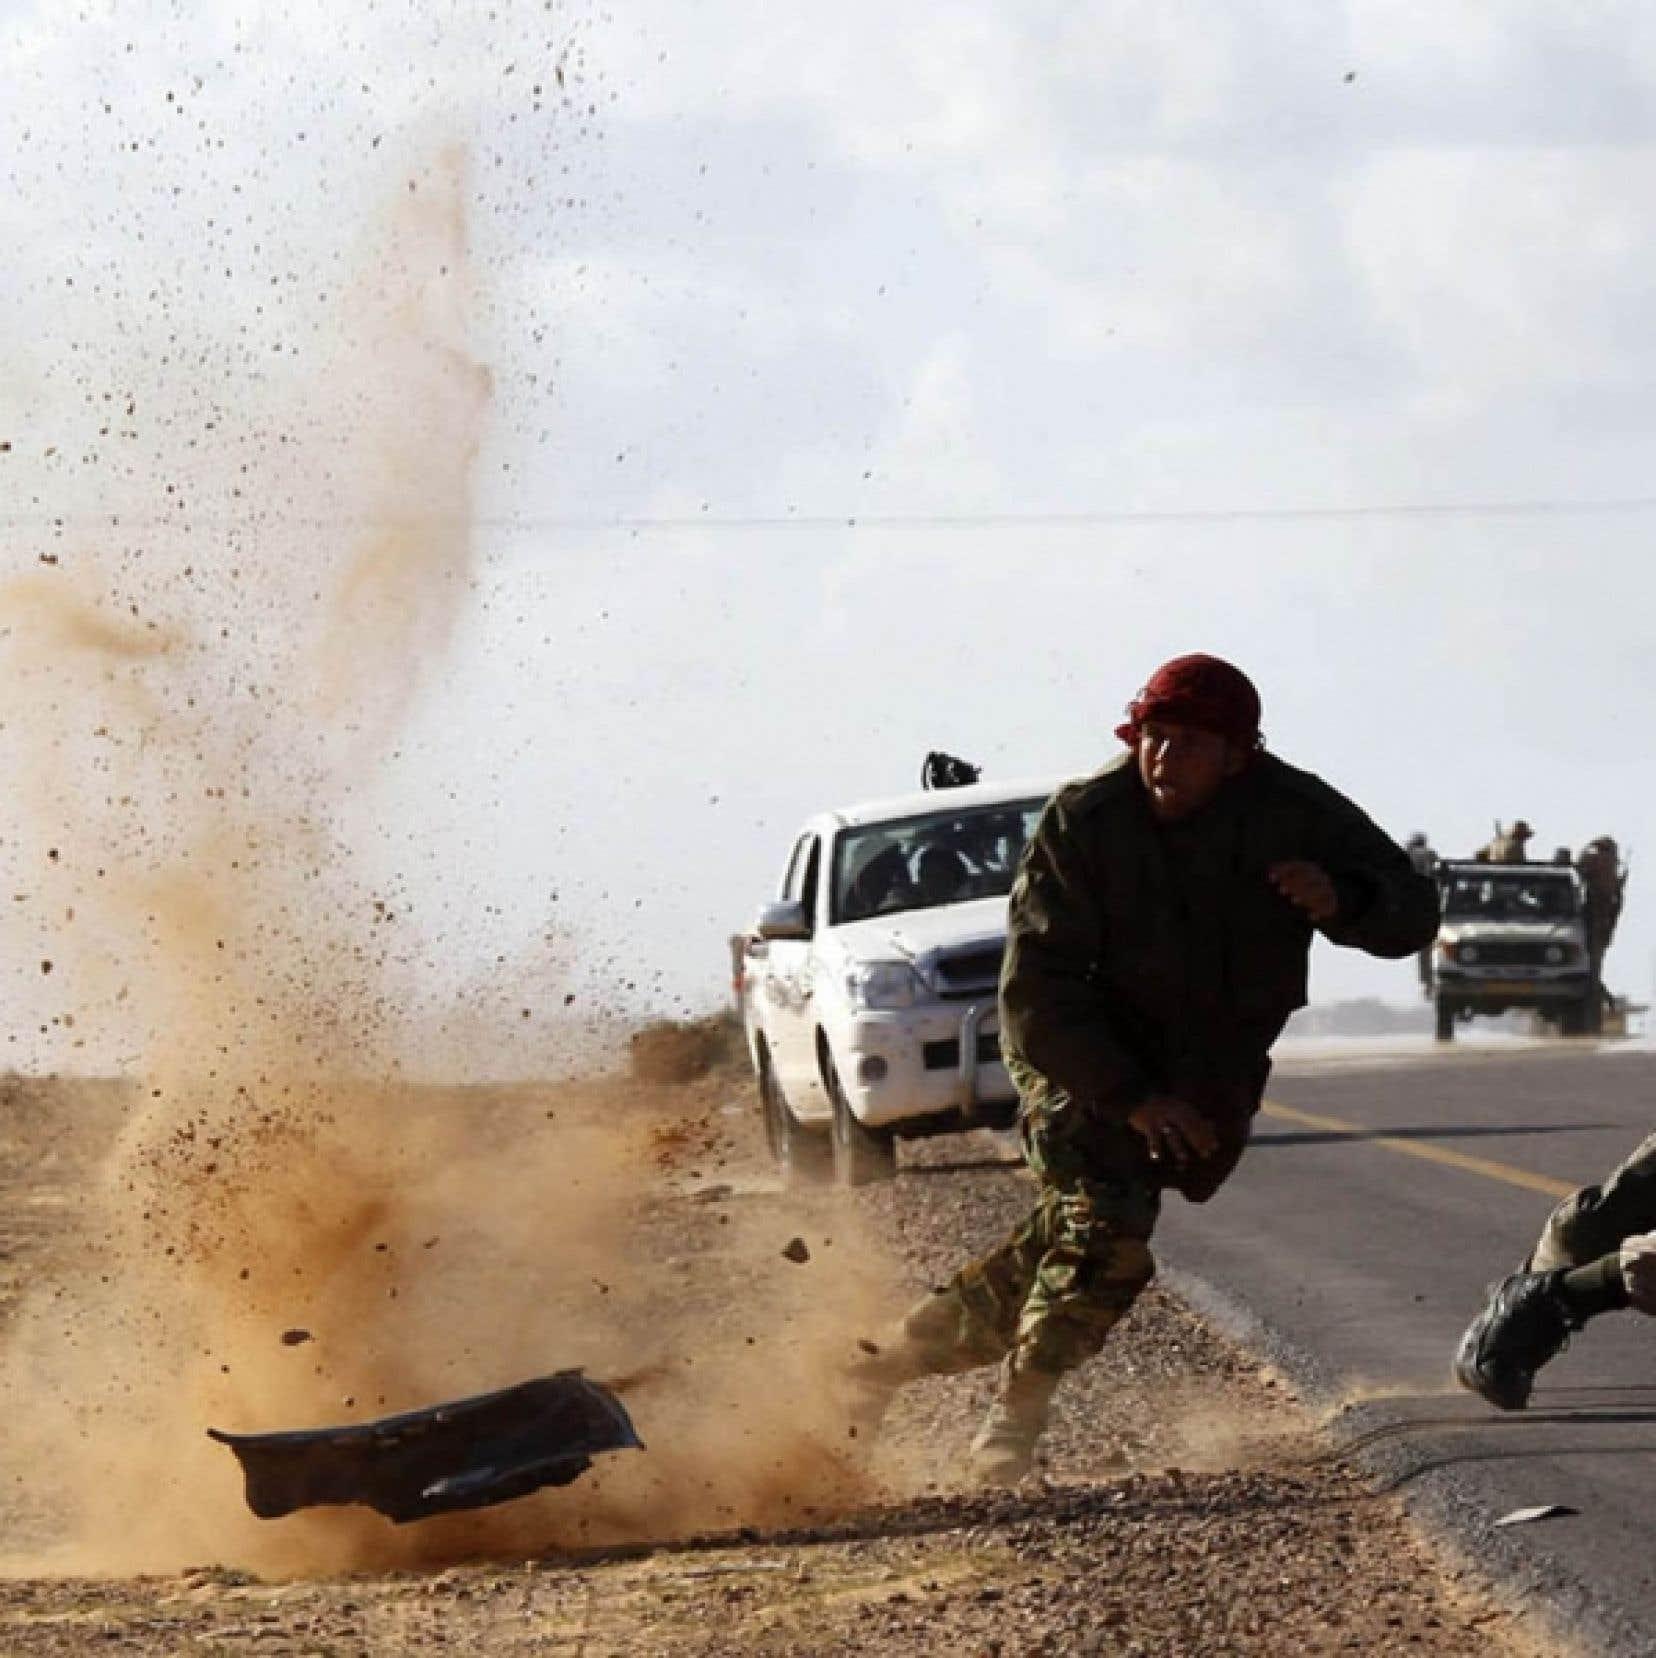 Des rebelles libyens tentent d'éviter les tirs de l'artillerie gouvernementale sur la route de Bin Djaouad, ville côtière à 160 km à l'est de Syrte, fief convoité de Mouammar Kadhafi. Les rebelles avaient pris le contrôle de Bin Djaouad samedi, mais ont été repoussés hier.<br />